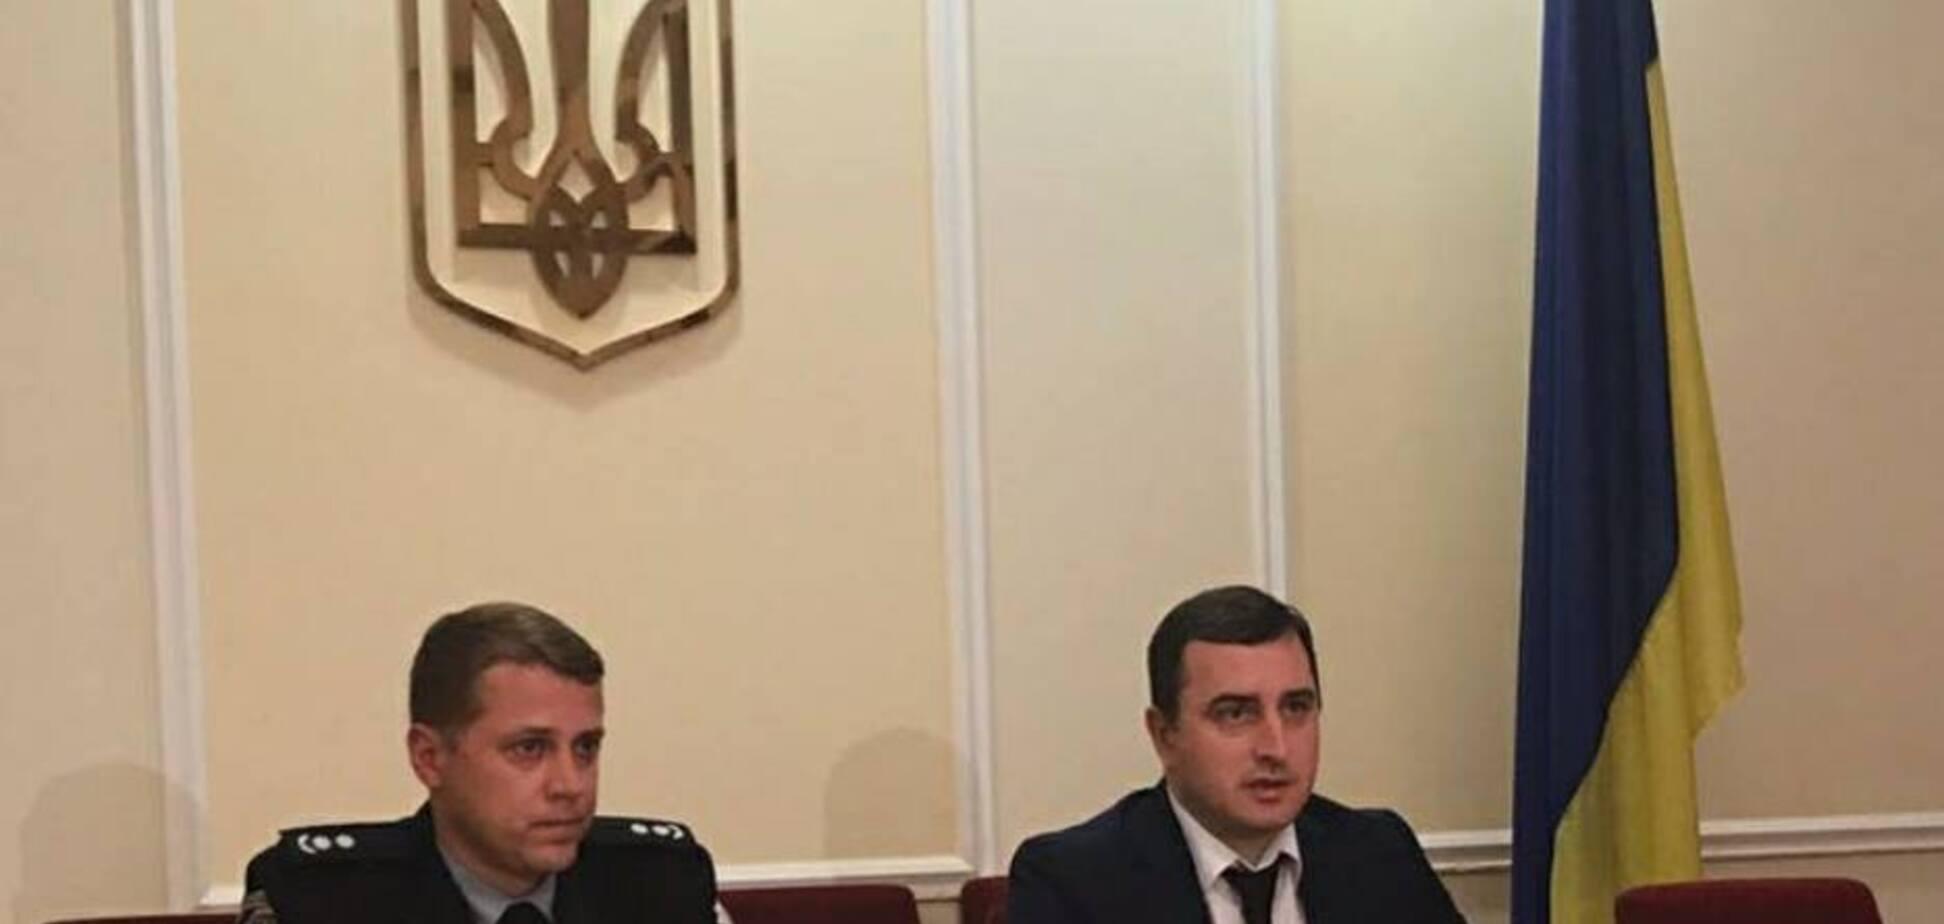 Заволоділи землею: на Київщині затримали екс-главу Держспецзв'язку та ще 6 осіб